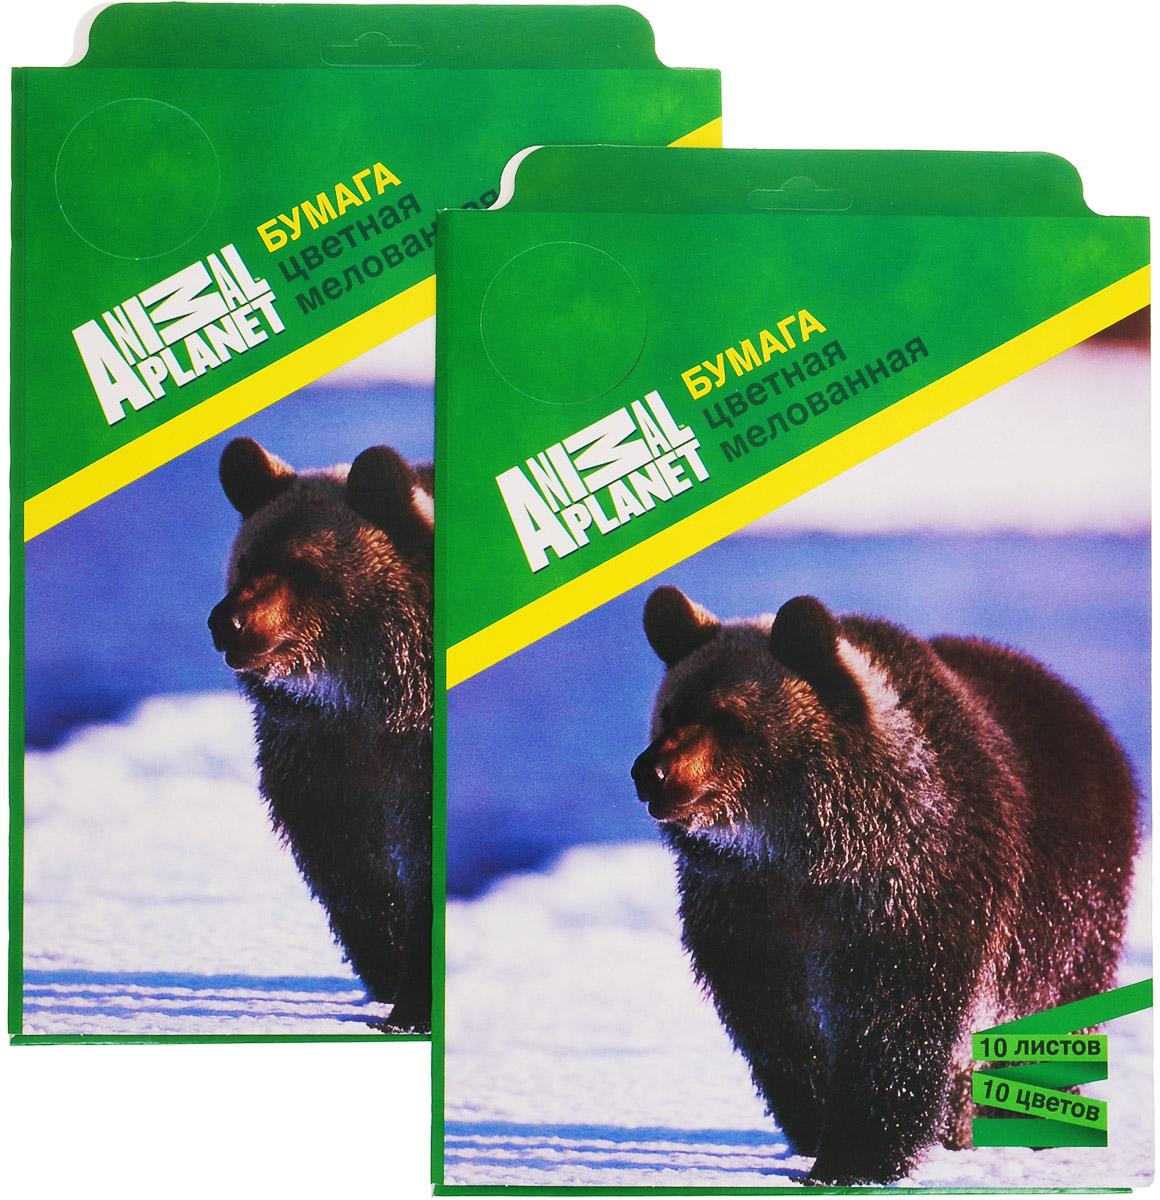 Набор цветной бумаги Action! Animal Planet, мелованная, 10 листов, 2 штAP-CCP-10/10Набор цветной бумаги Action! Animal Planet позволит вашему ребенку создавать всевозможные аппликации и поделки. Набор содержит 10 листов цветной бумаги формата А4. Листы упакованы в оригинальную картонную папку, оформленную в тематике Animal Planet.Создание поделок из картона и бумаги поможет ребенку в развитии творческих способностей, кроме того, это увлекательный досуг.В комплекте 2 набора по 10 листов.Рекомендуемый возраст от 6 лет.Уважаемые клиенты! Обращаем ваше внимание на то, что упаковка может иметь несколько видов дизайна. Поставка осуществляется в зависимости от наличия на складе.